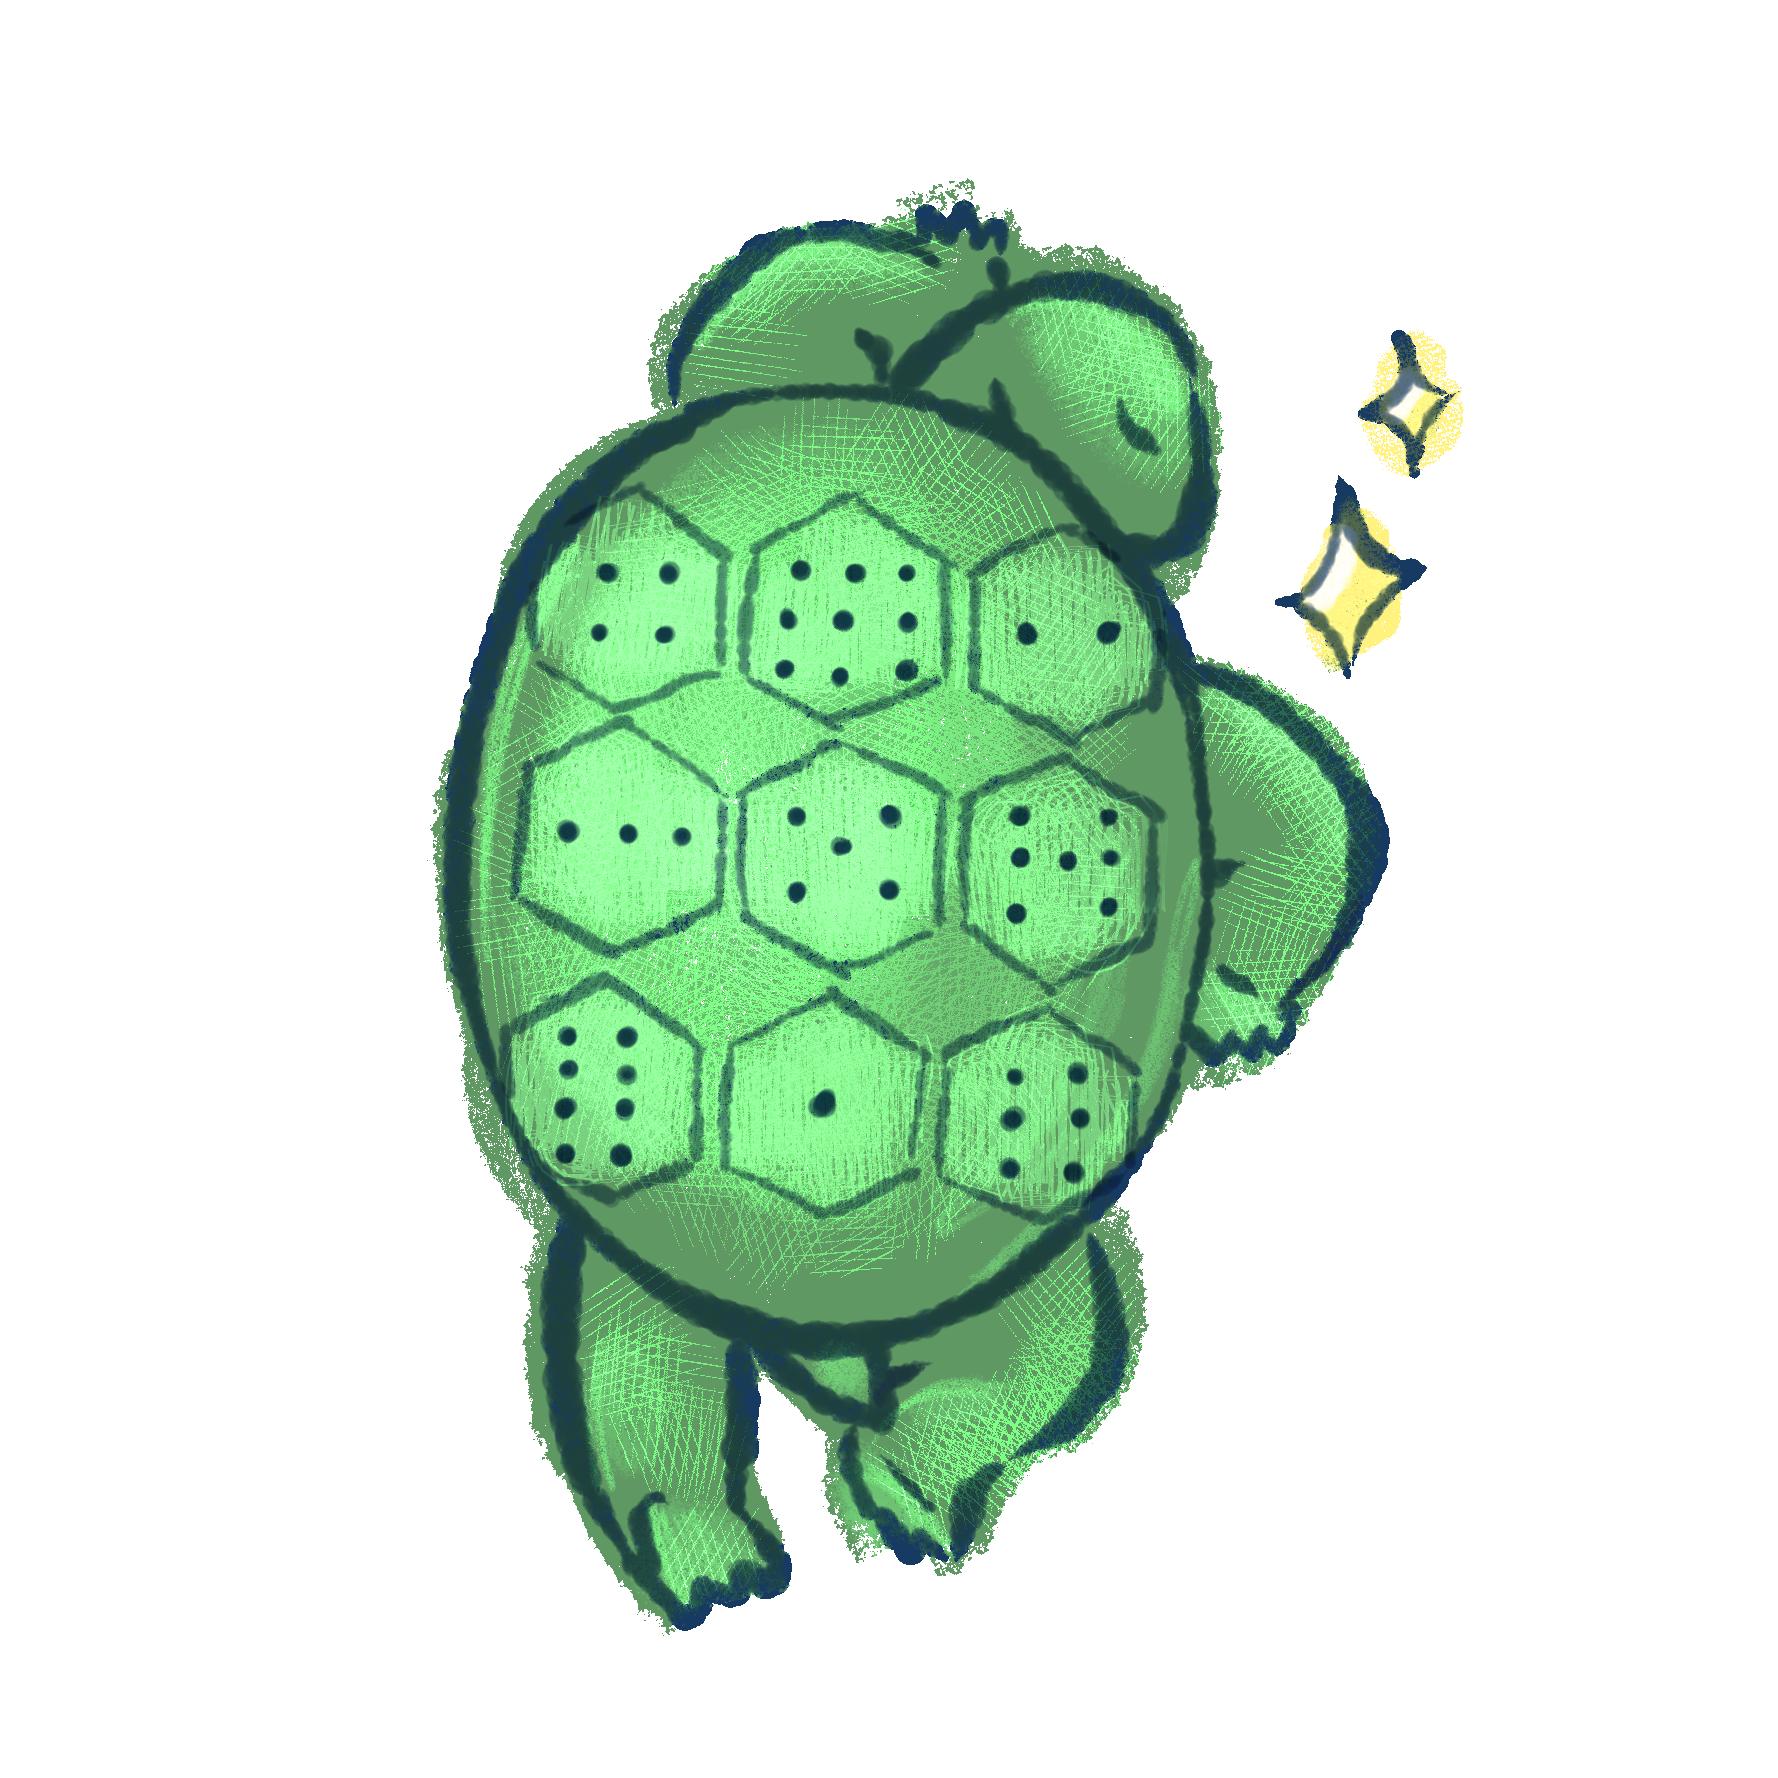 turtlesums